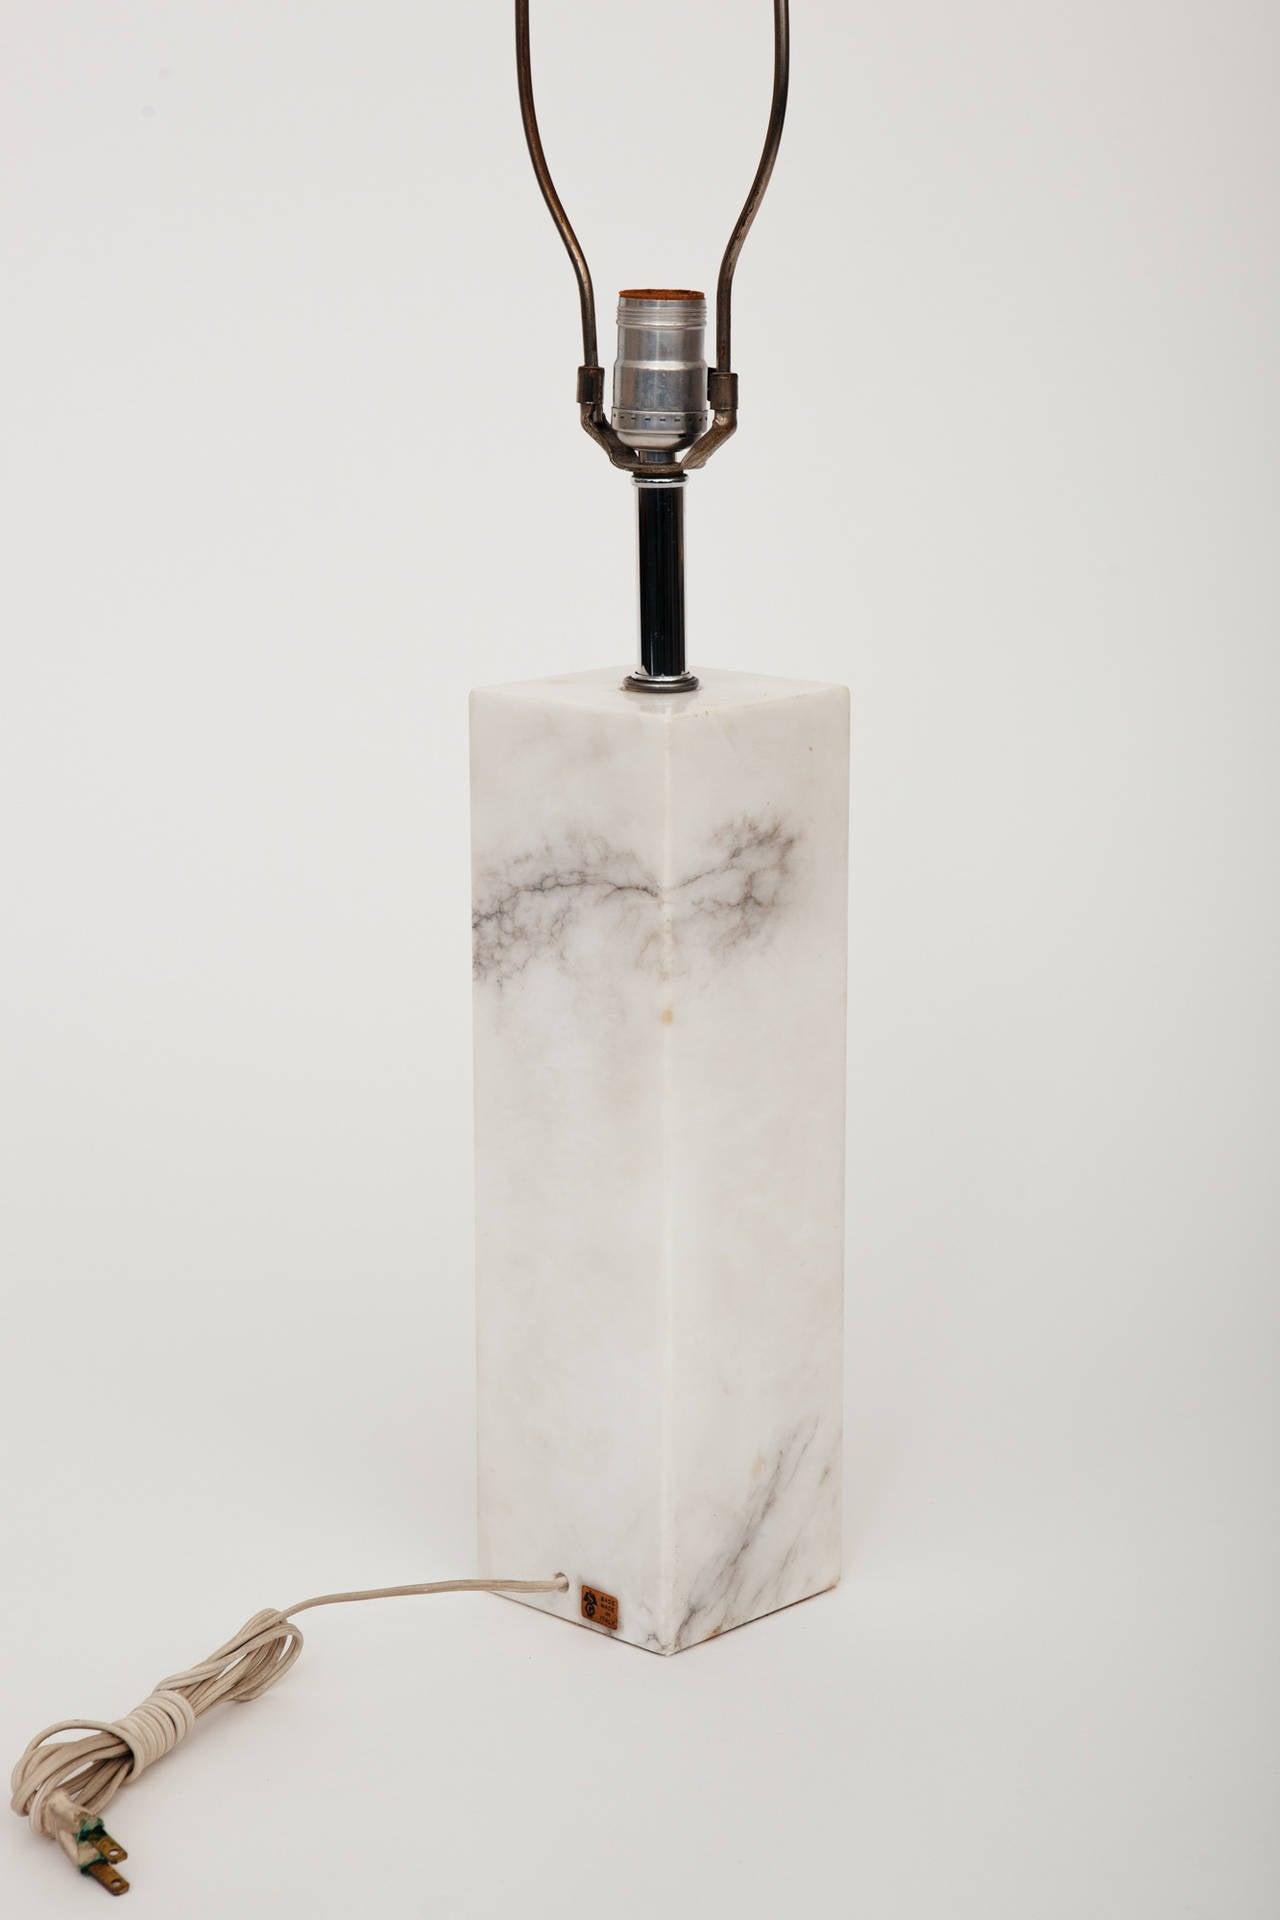 20th Century Marble Lamp in the Manner of T.H. Robsjohn-Gibbings For Sale